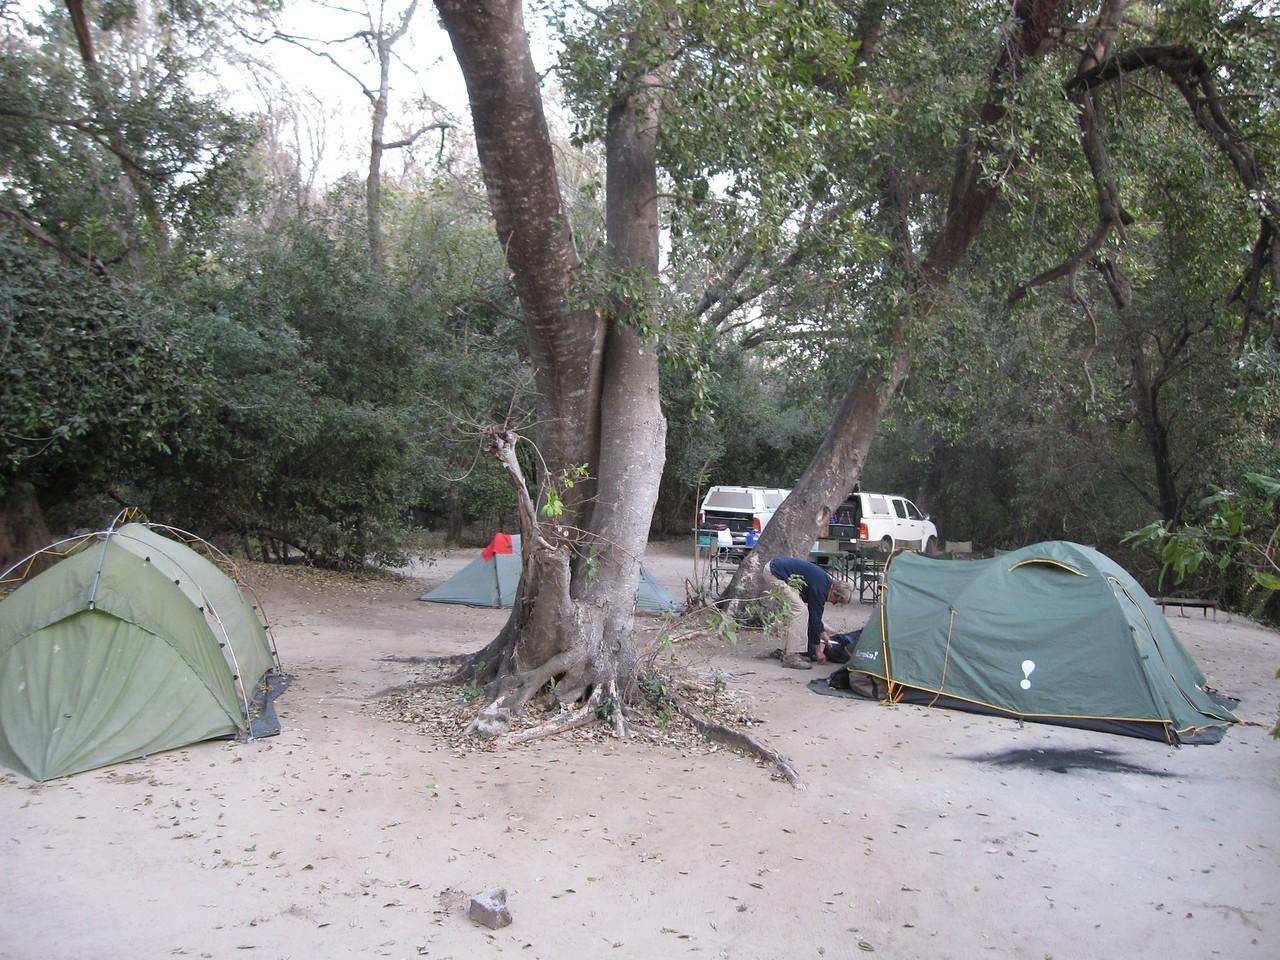 drotzky's camp